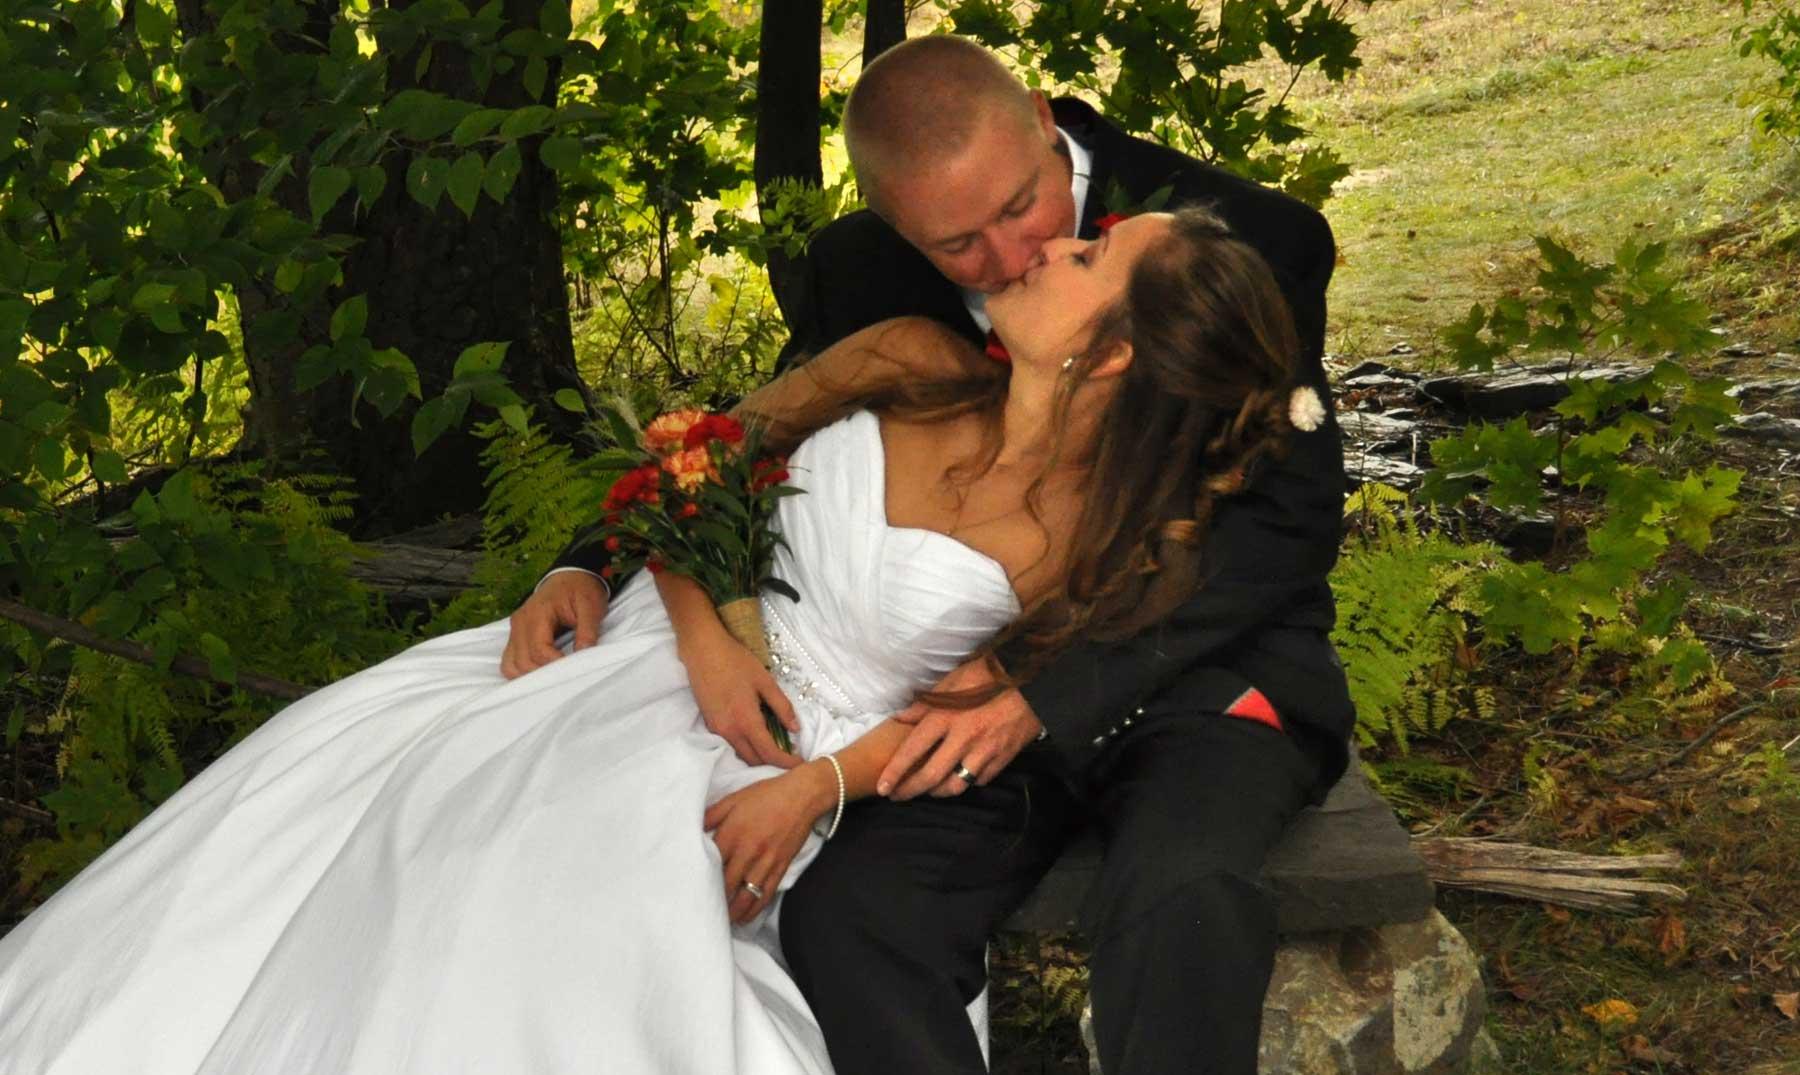 El matrimonio, distintos ritos y distintas culturas